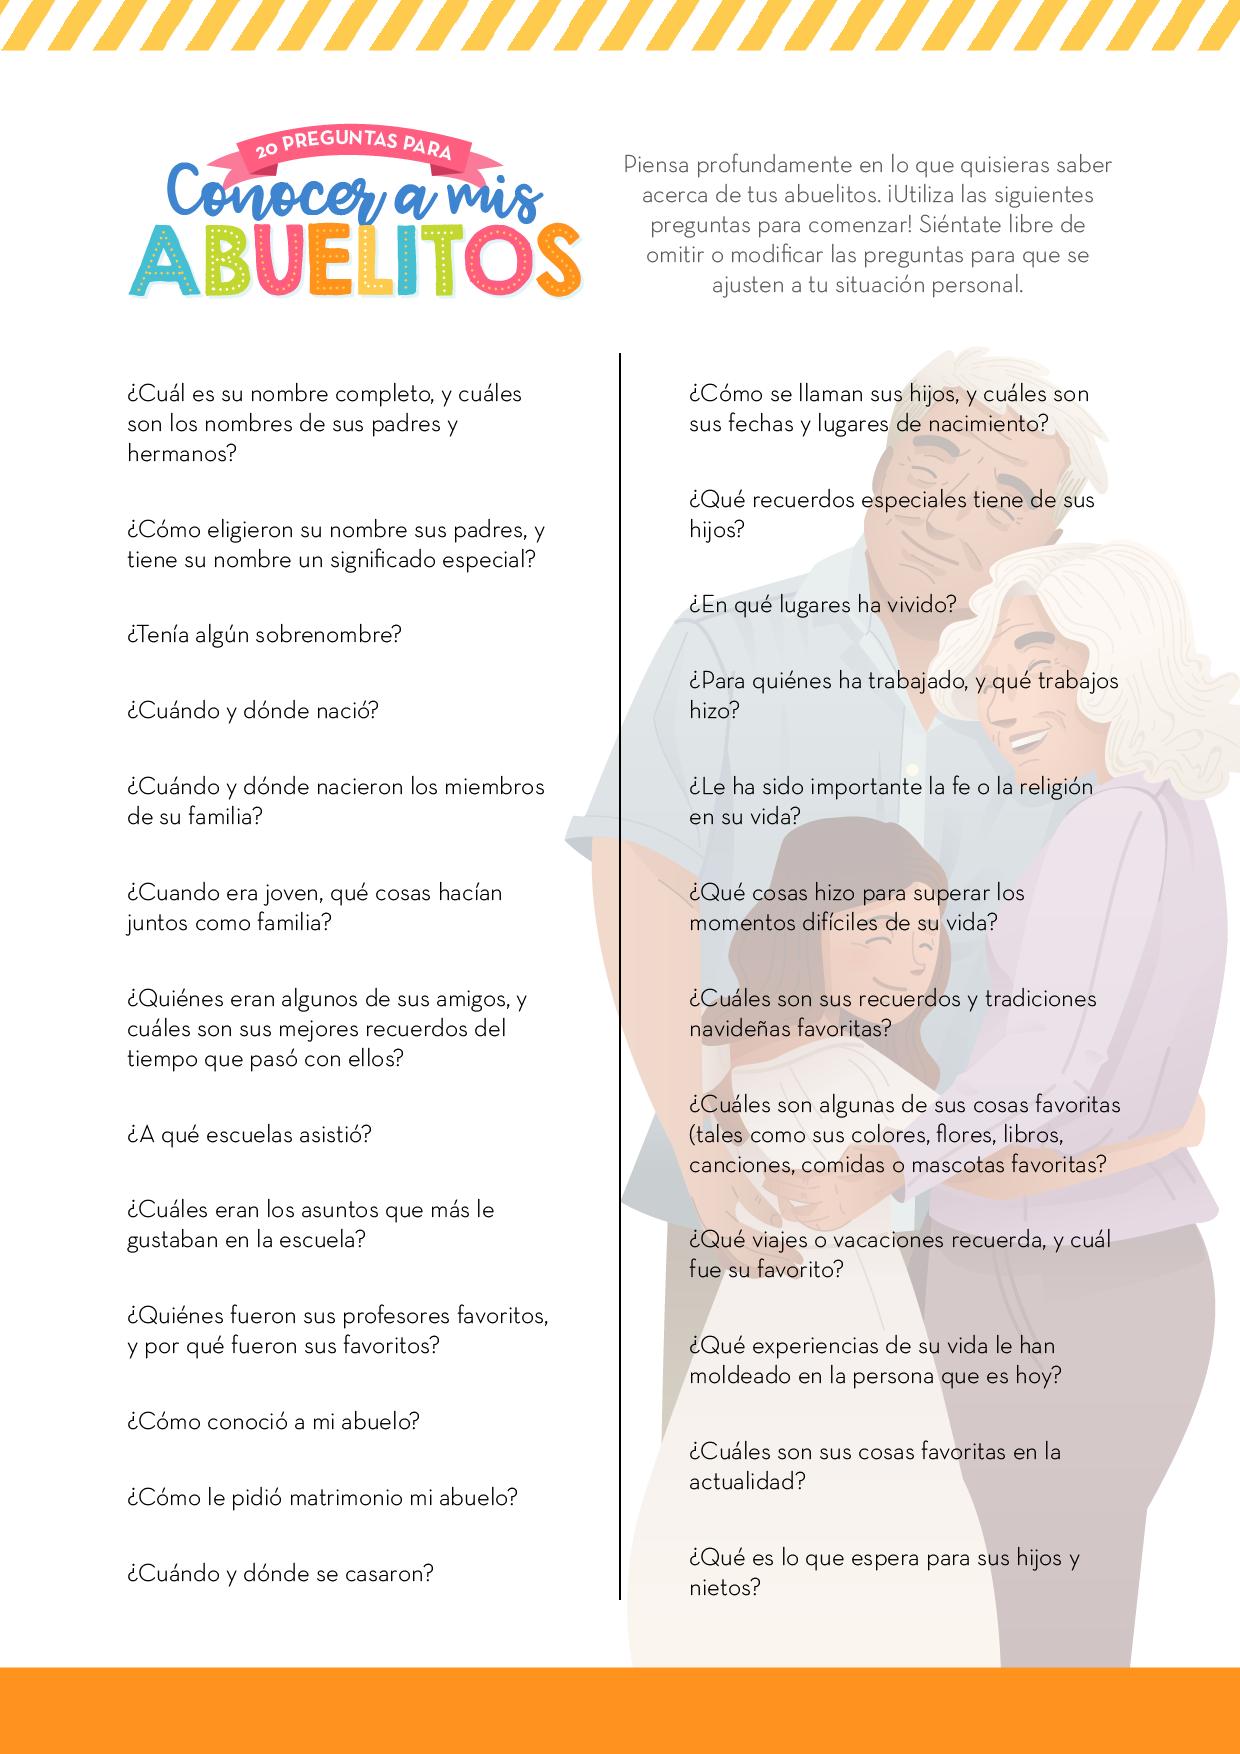 Conociendo a mis abuelitos - Esta tierna actividad de Historia Familiar ayudará a los niños a conocer más a sus abuelitos y a registrar y disfrutar de sus historias.